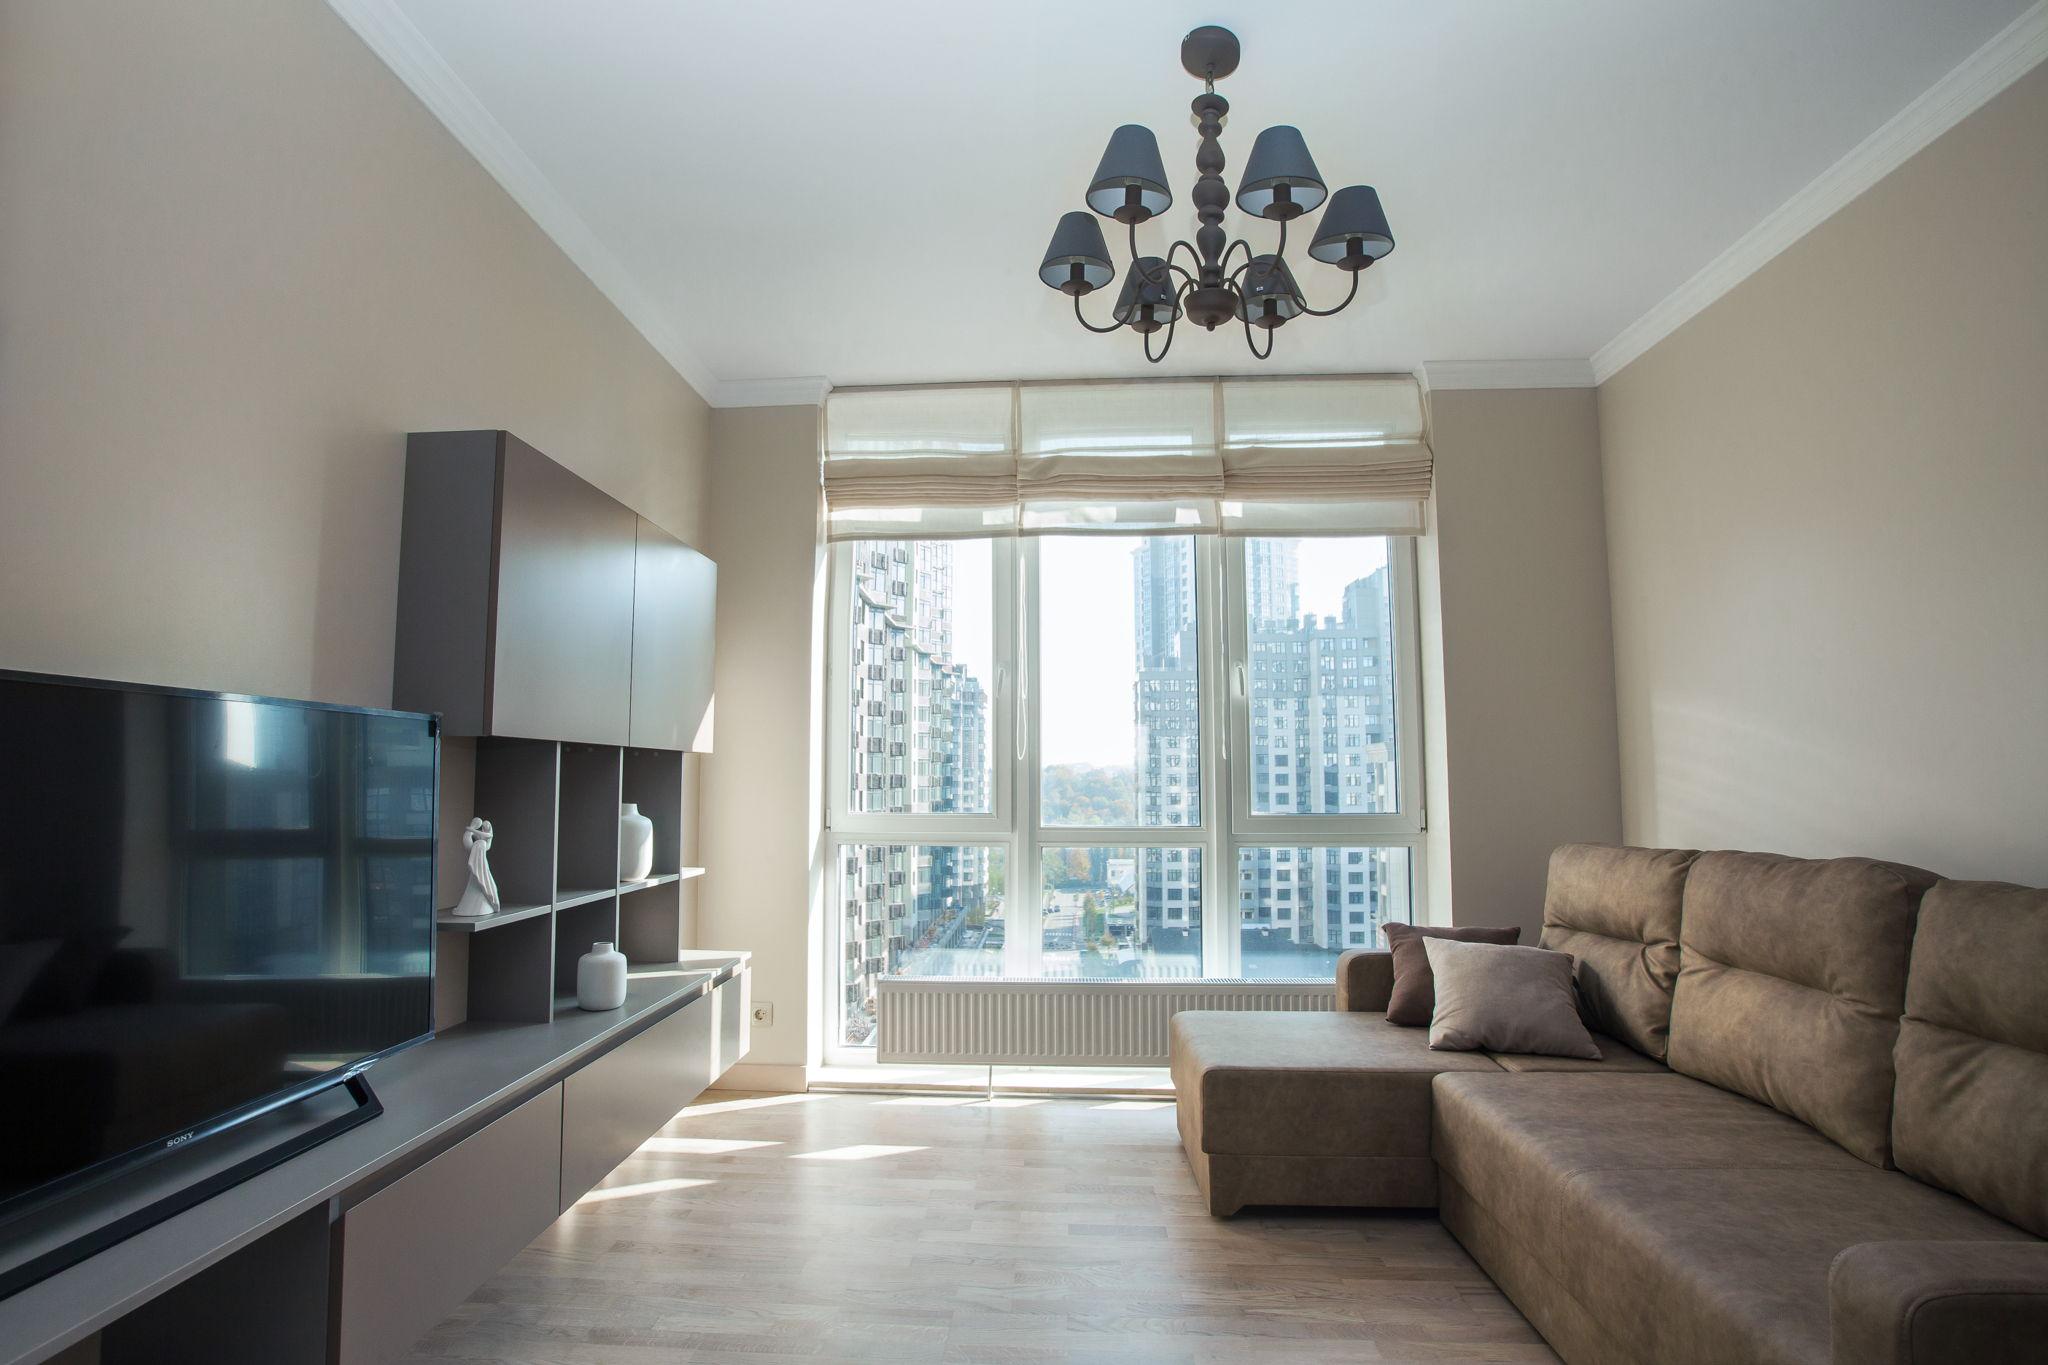 Красивая квартира с приятным интерьером